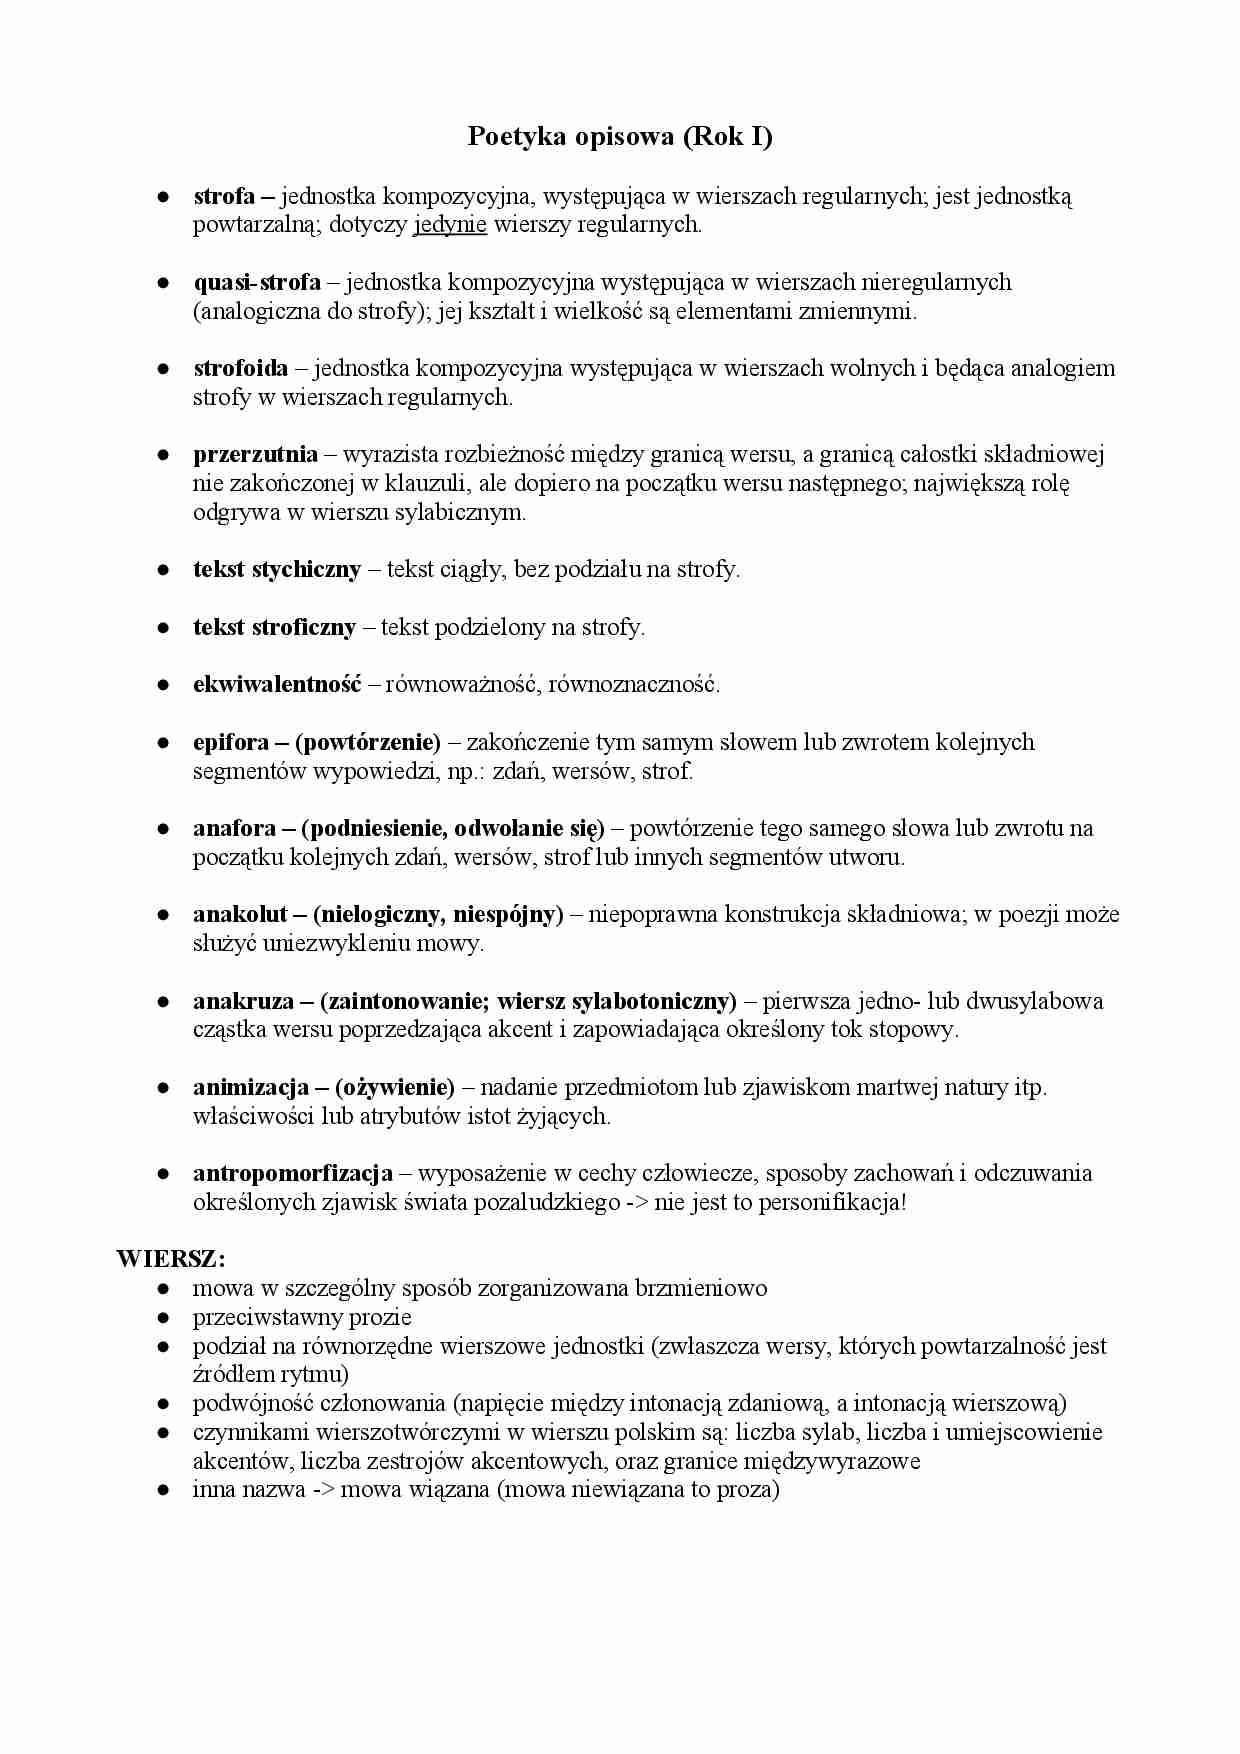 Poetyka Opisowa Notatekpl